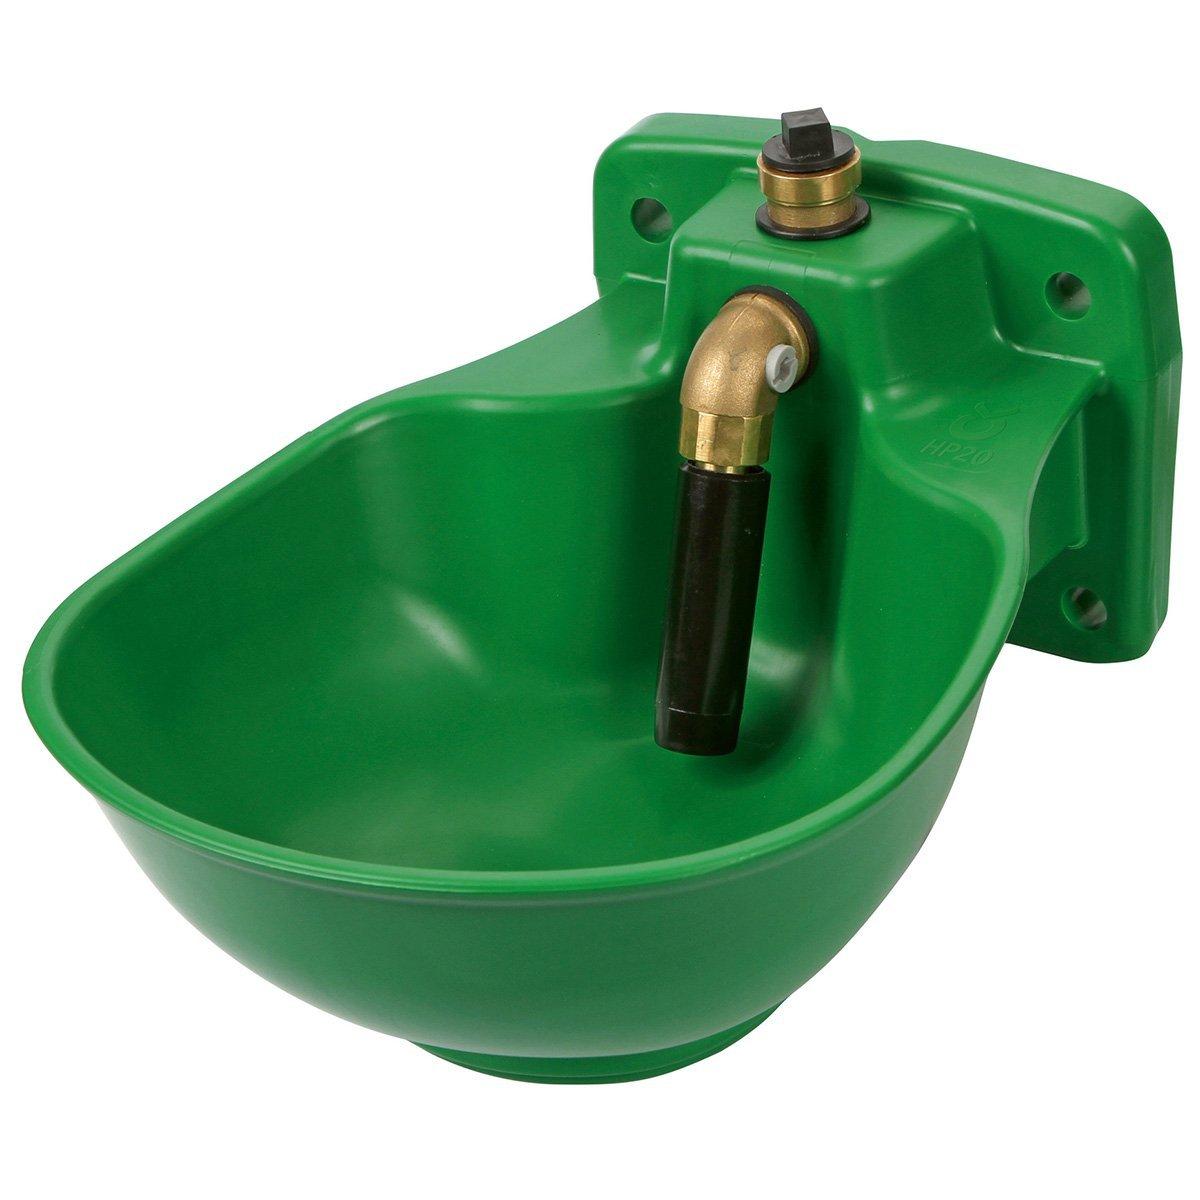 Kerbl heizbares en plastique abreuvoir avec robinet HP20, 230V